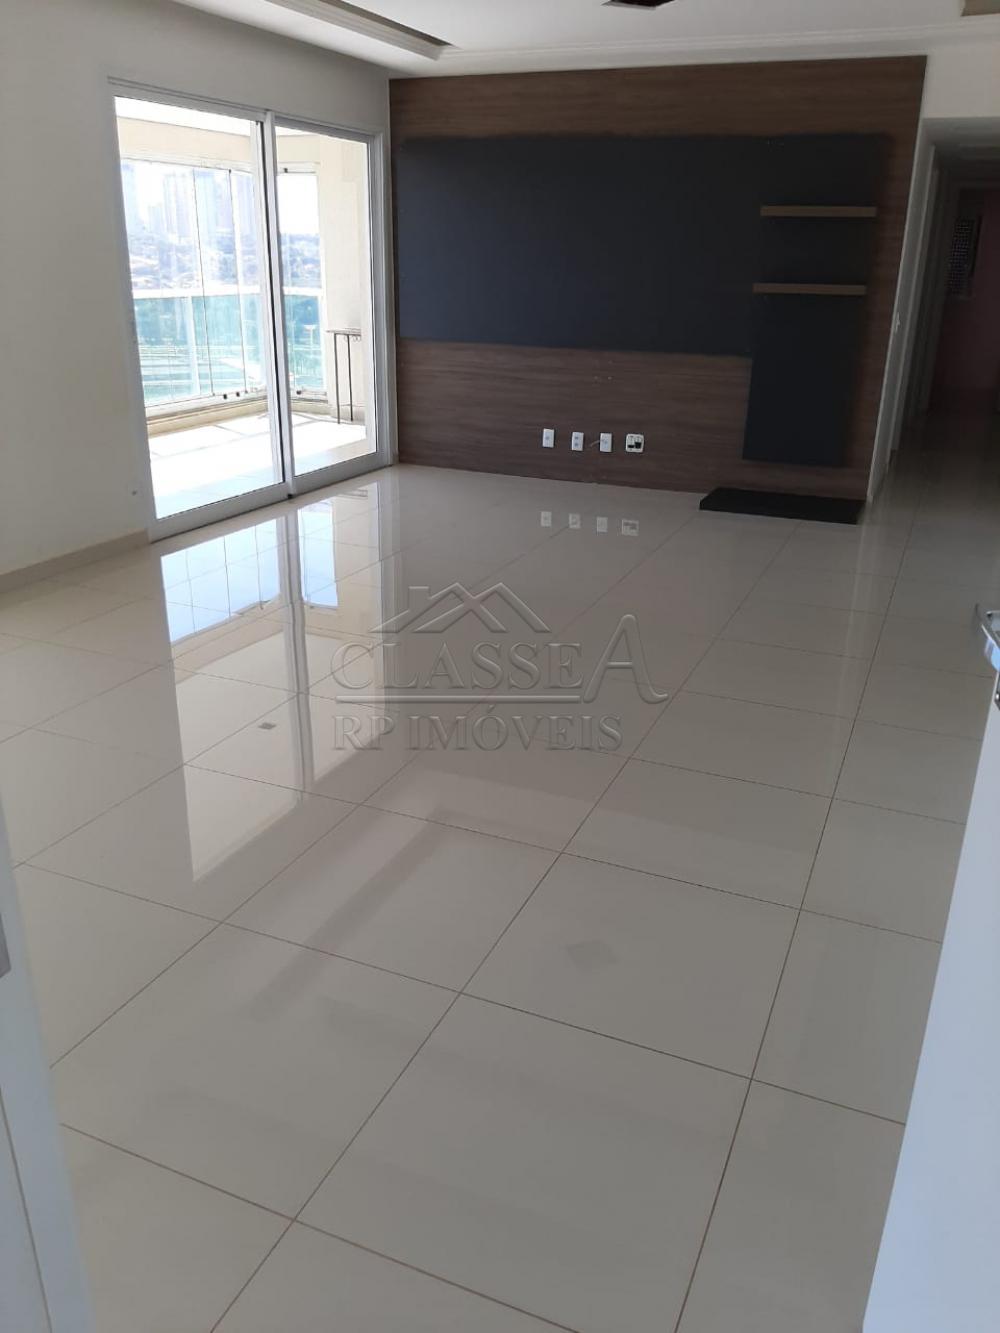 Ribeirao Preto Apartamento Venda R$1.020.000,00 Condominio R$765,00 3 Dormitorios 3 Suites Area construida 186.00m2